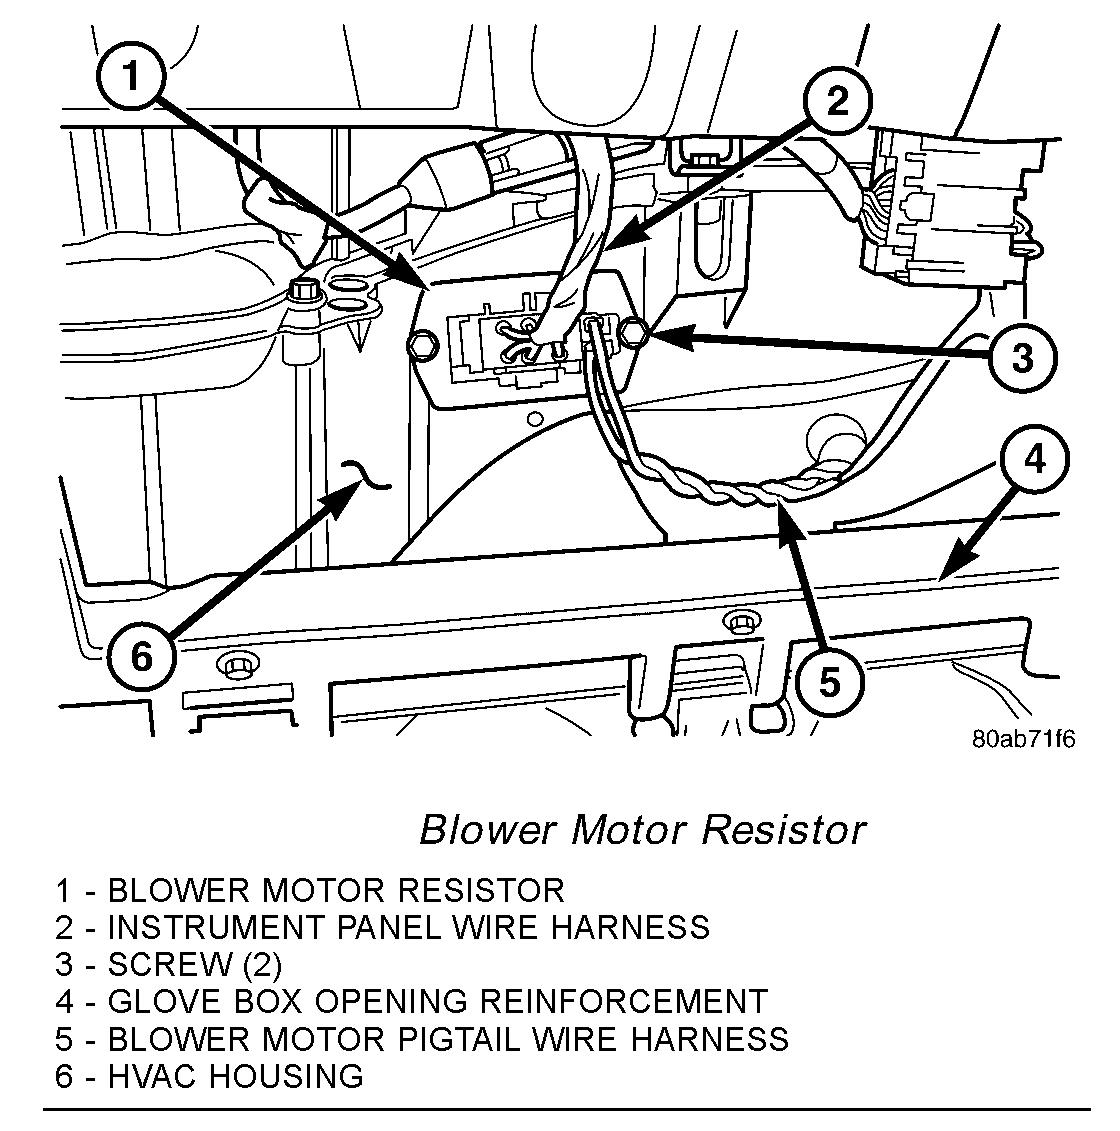 heater fan stays on heater fan stays on when turned off one speed Single Phase Motor Wire Diagram thumb